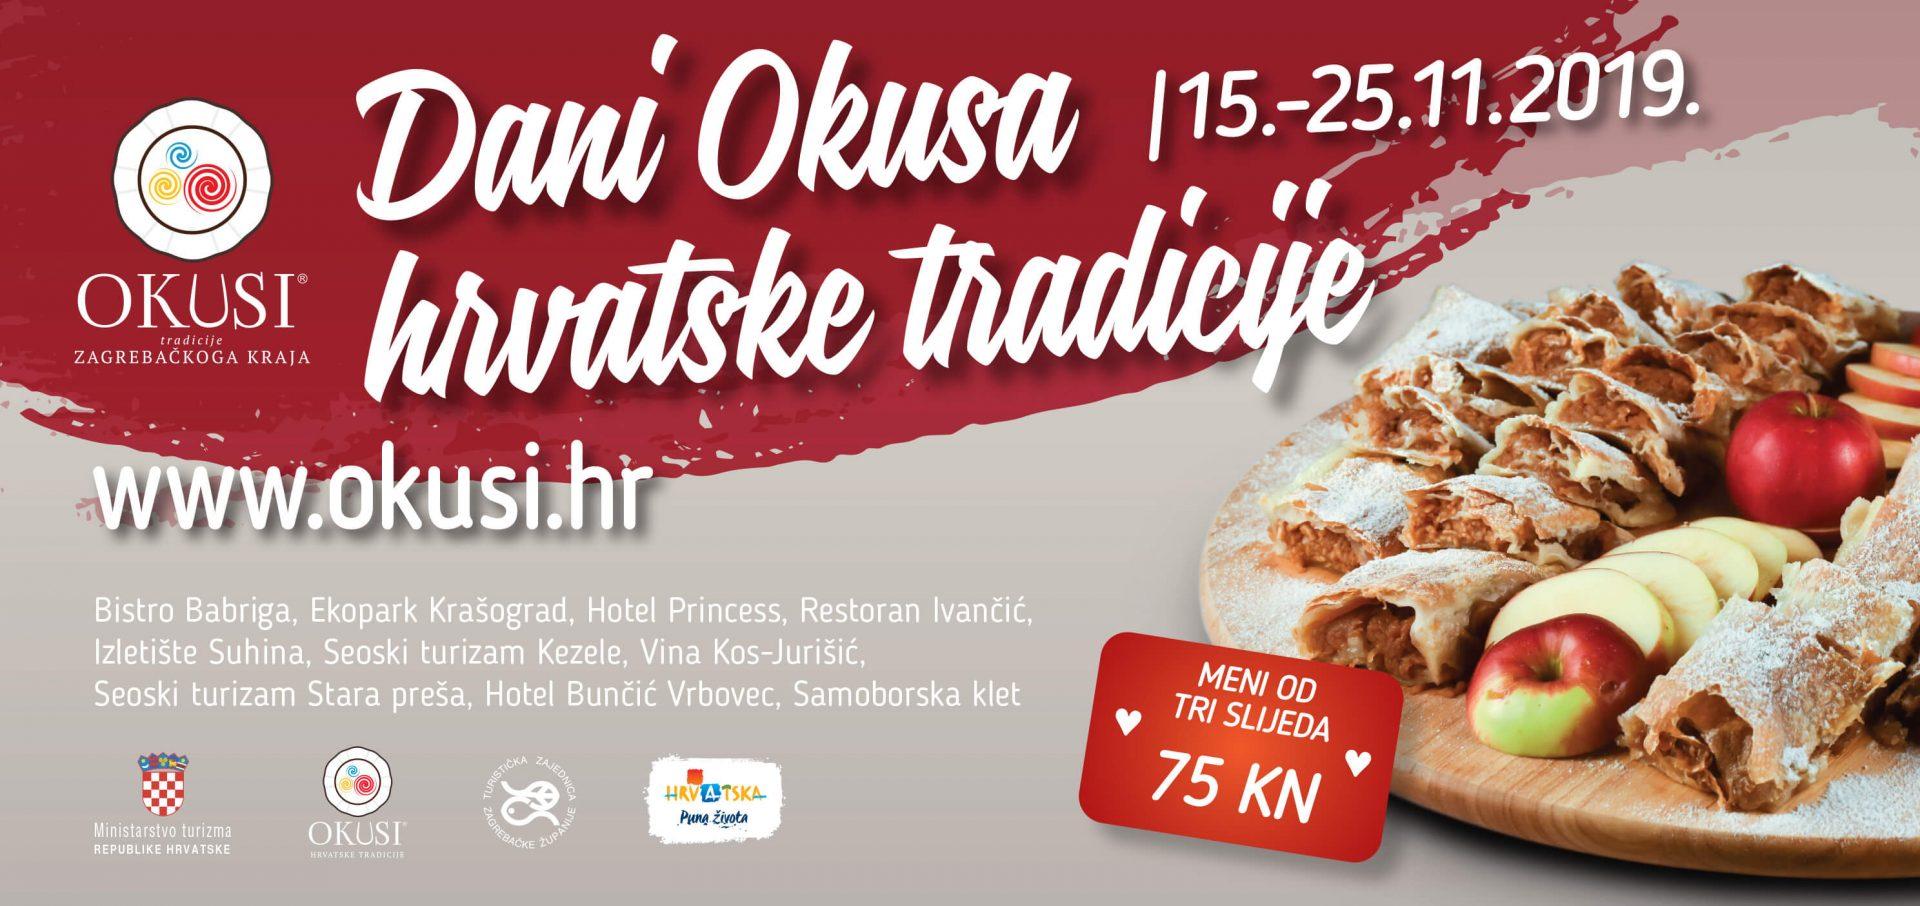 Dani Okusa hrvatske tradicije